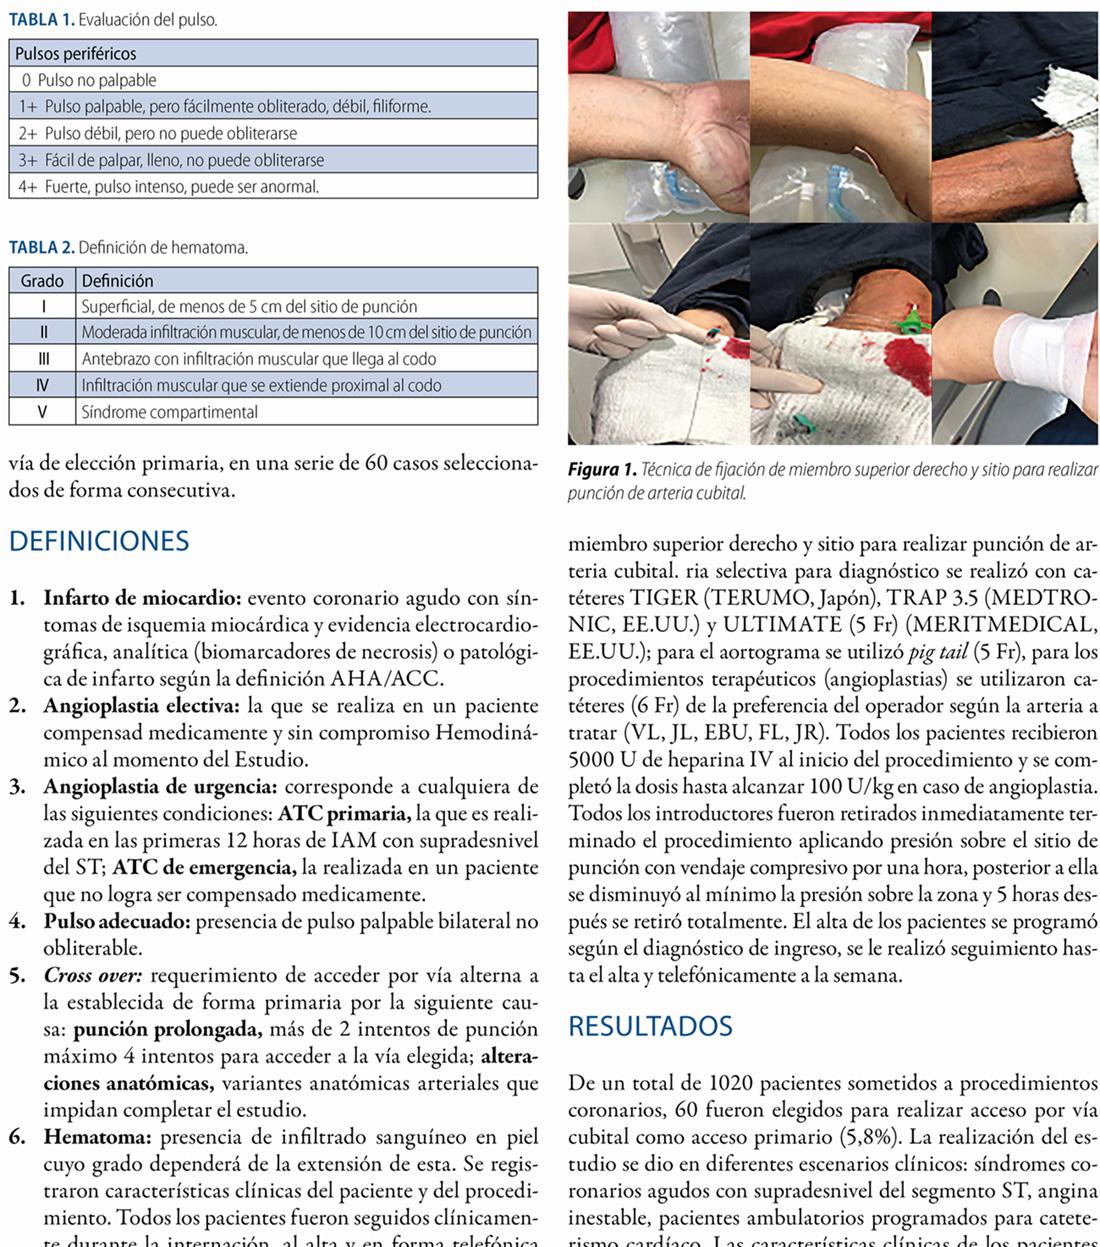 Acceso cubital primario para realizar estudios angiográficos coronarios en 60 pacientes